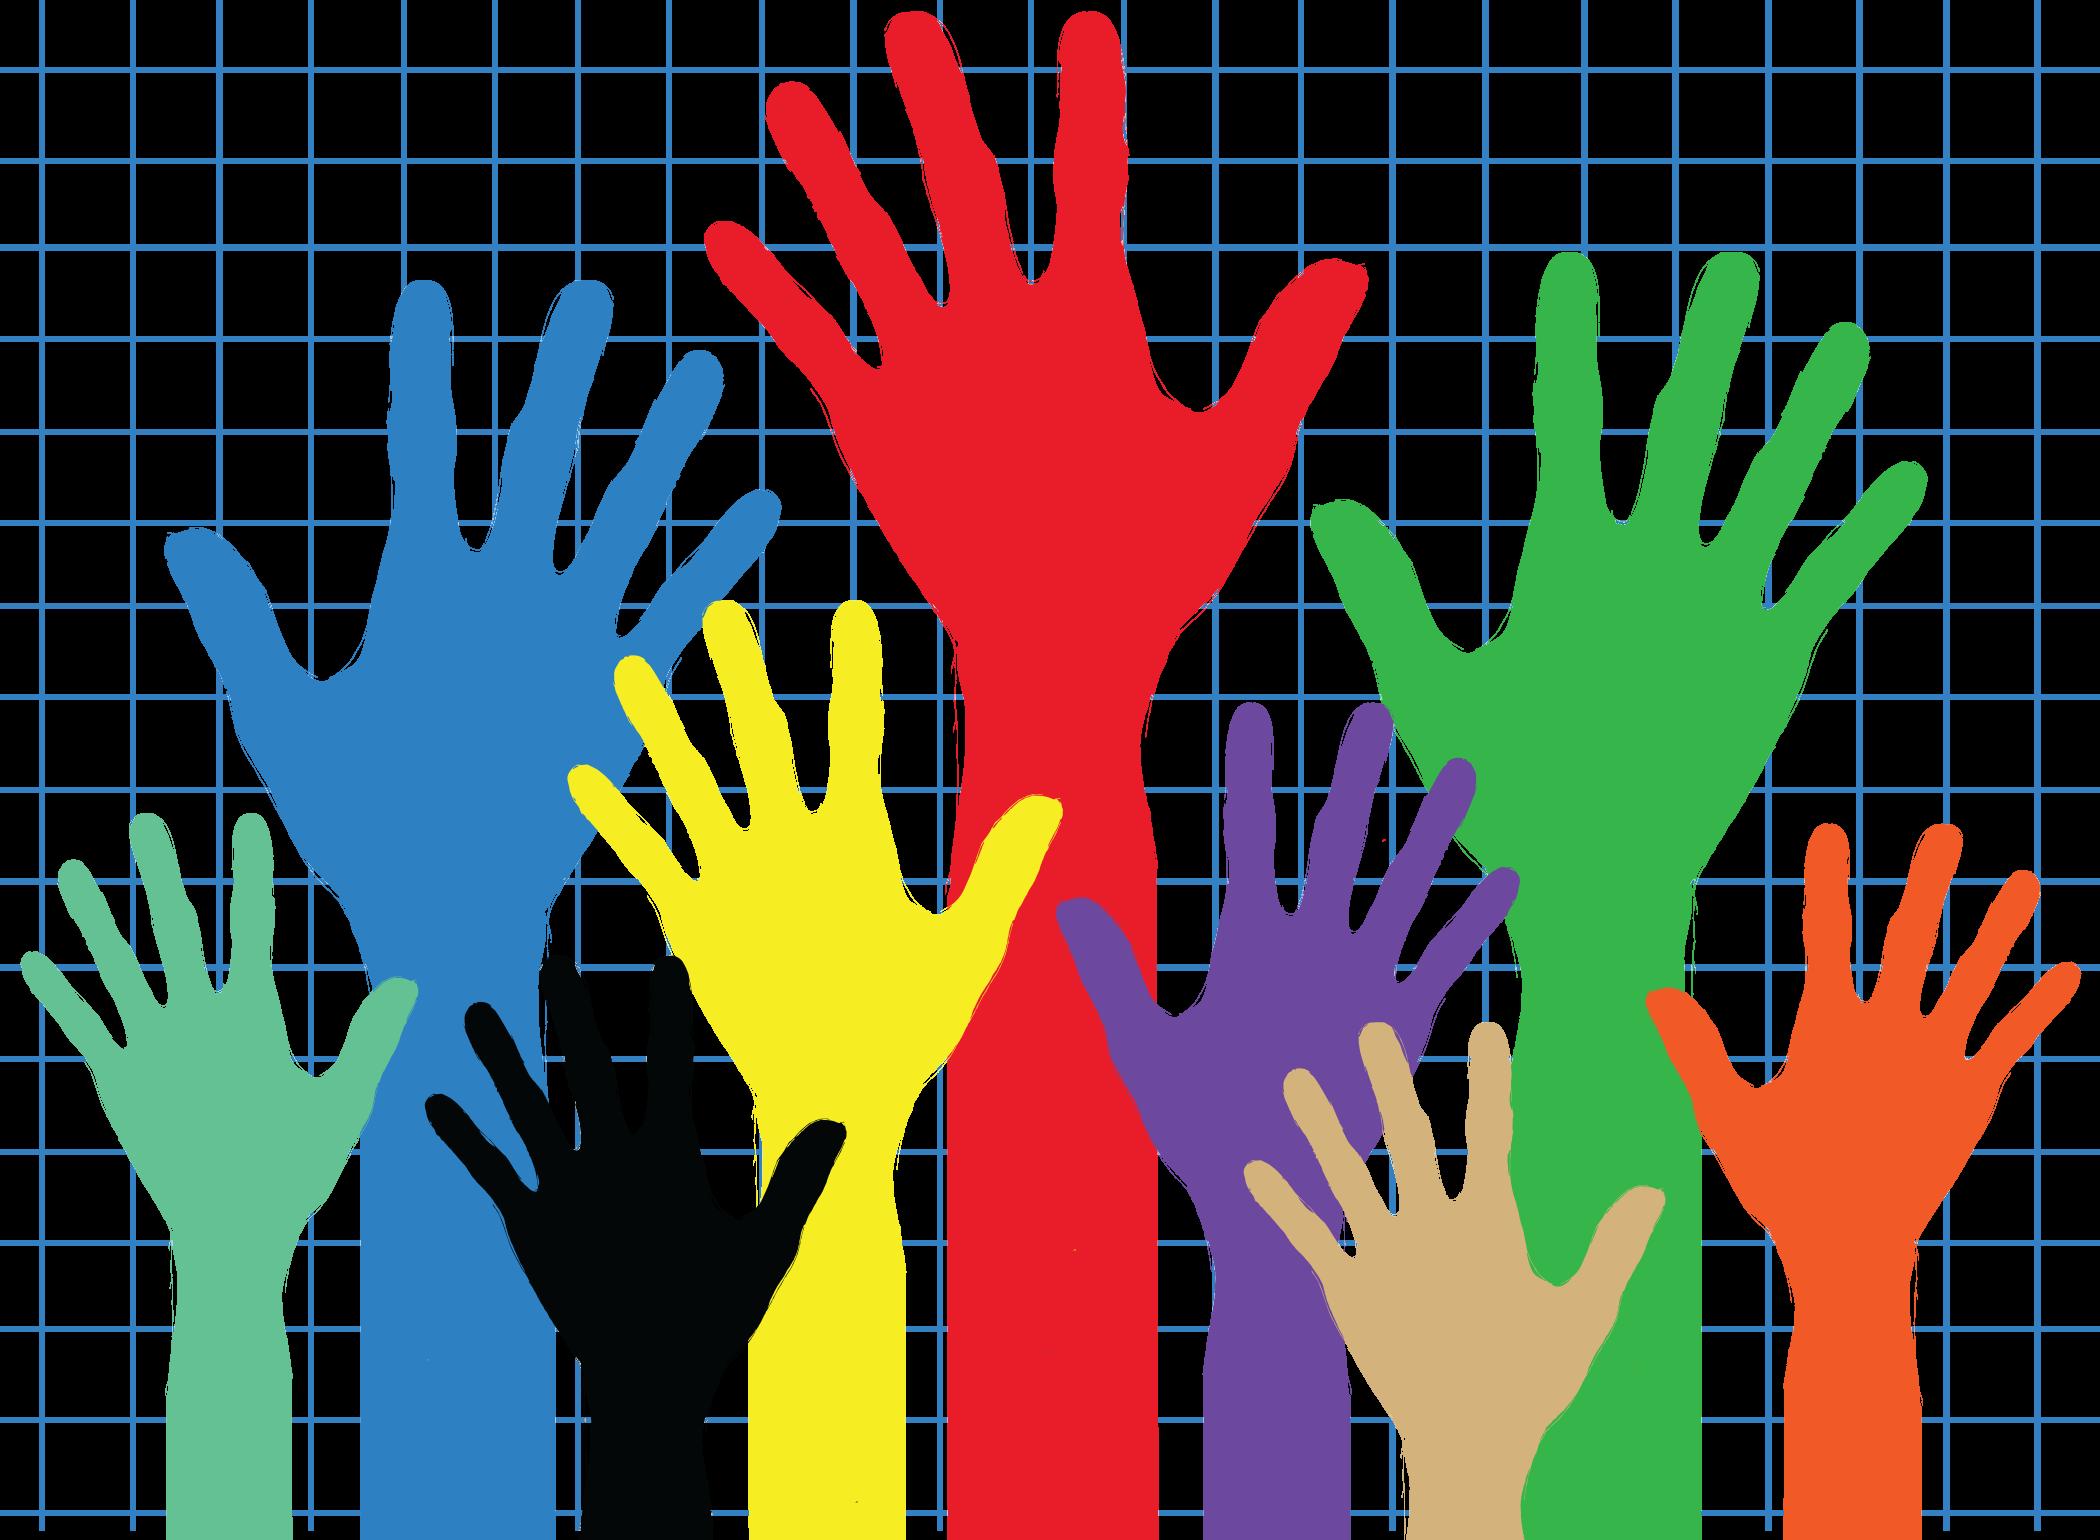 Volunteering clipart solidarity. Hands helping free download